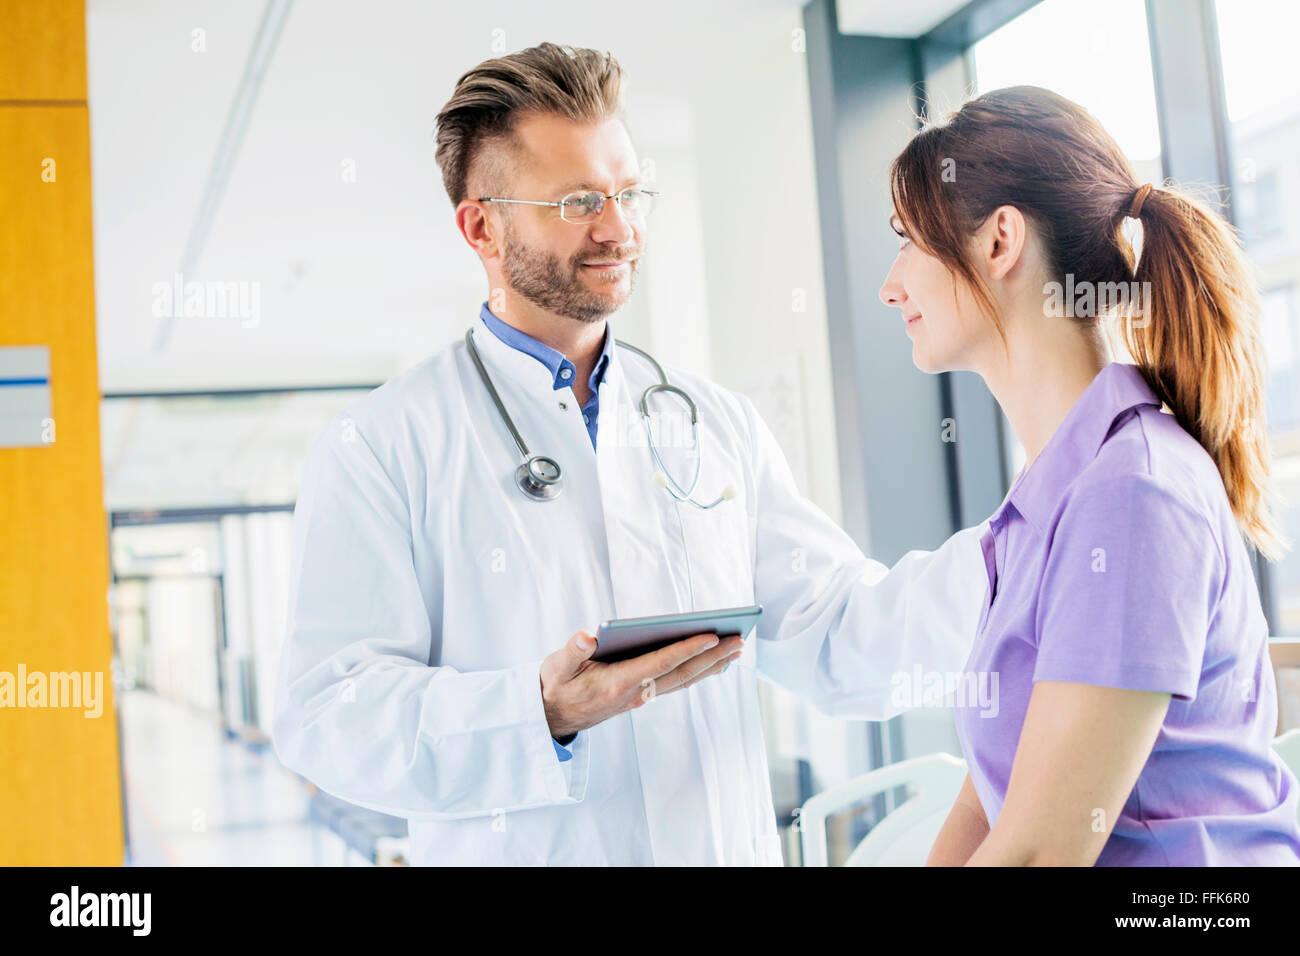 Arzt klopfen Kollegen auf der Schulter Stockbild